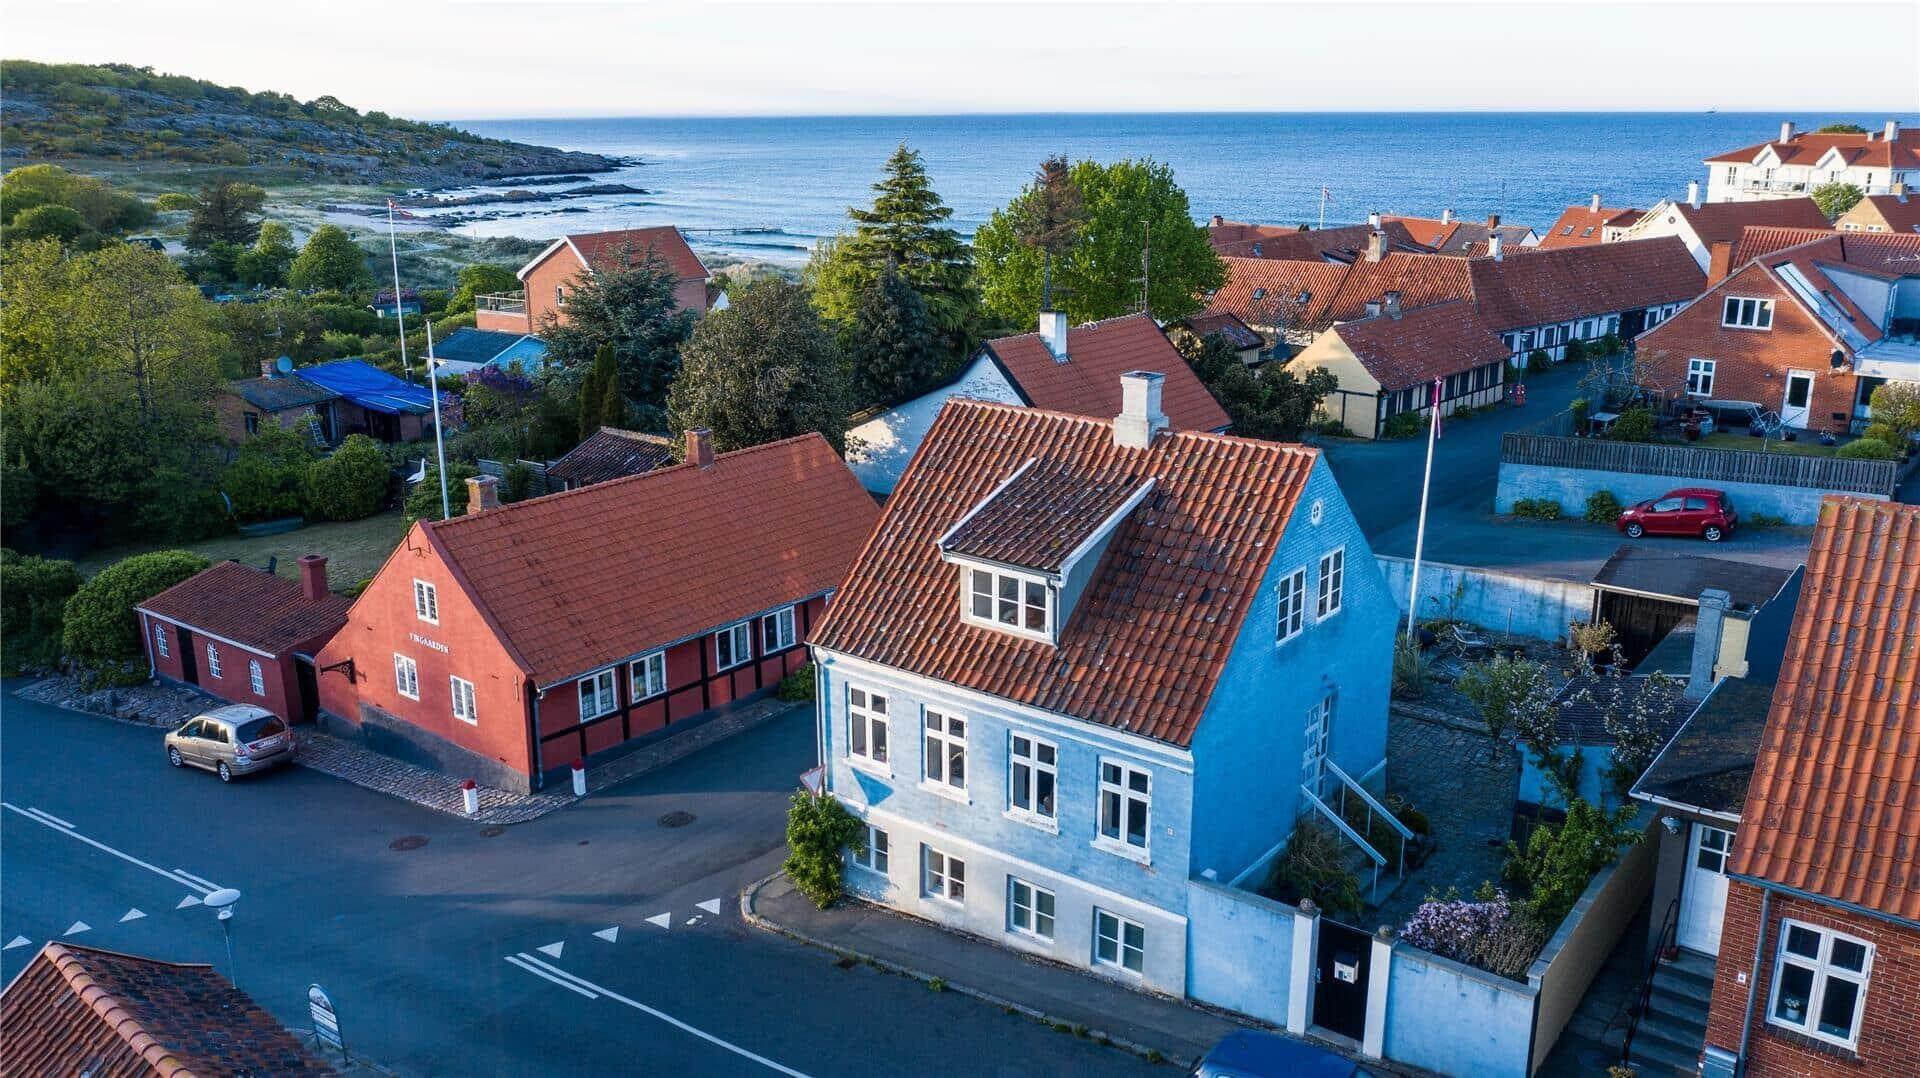 Afbeelding 1-10 Vakantiehuis 6770, Bredgade 8, DK - 3770 Allinge